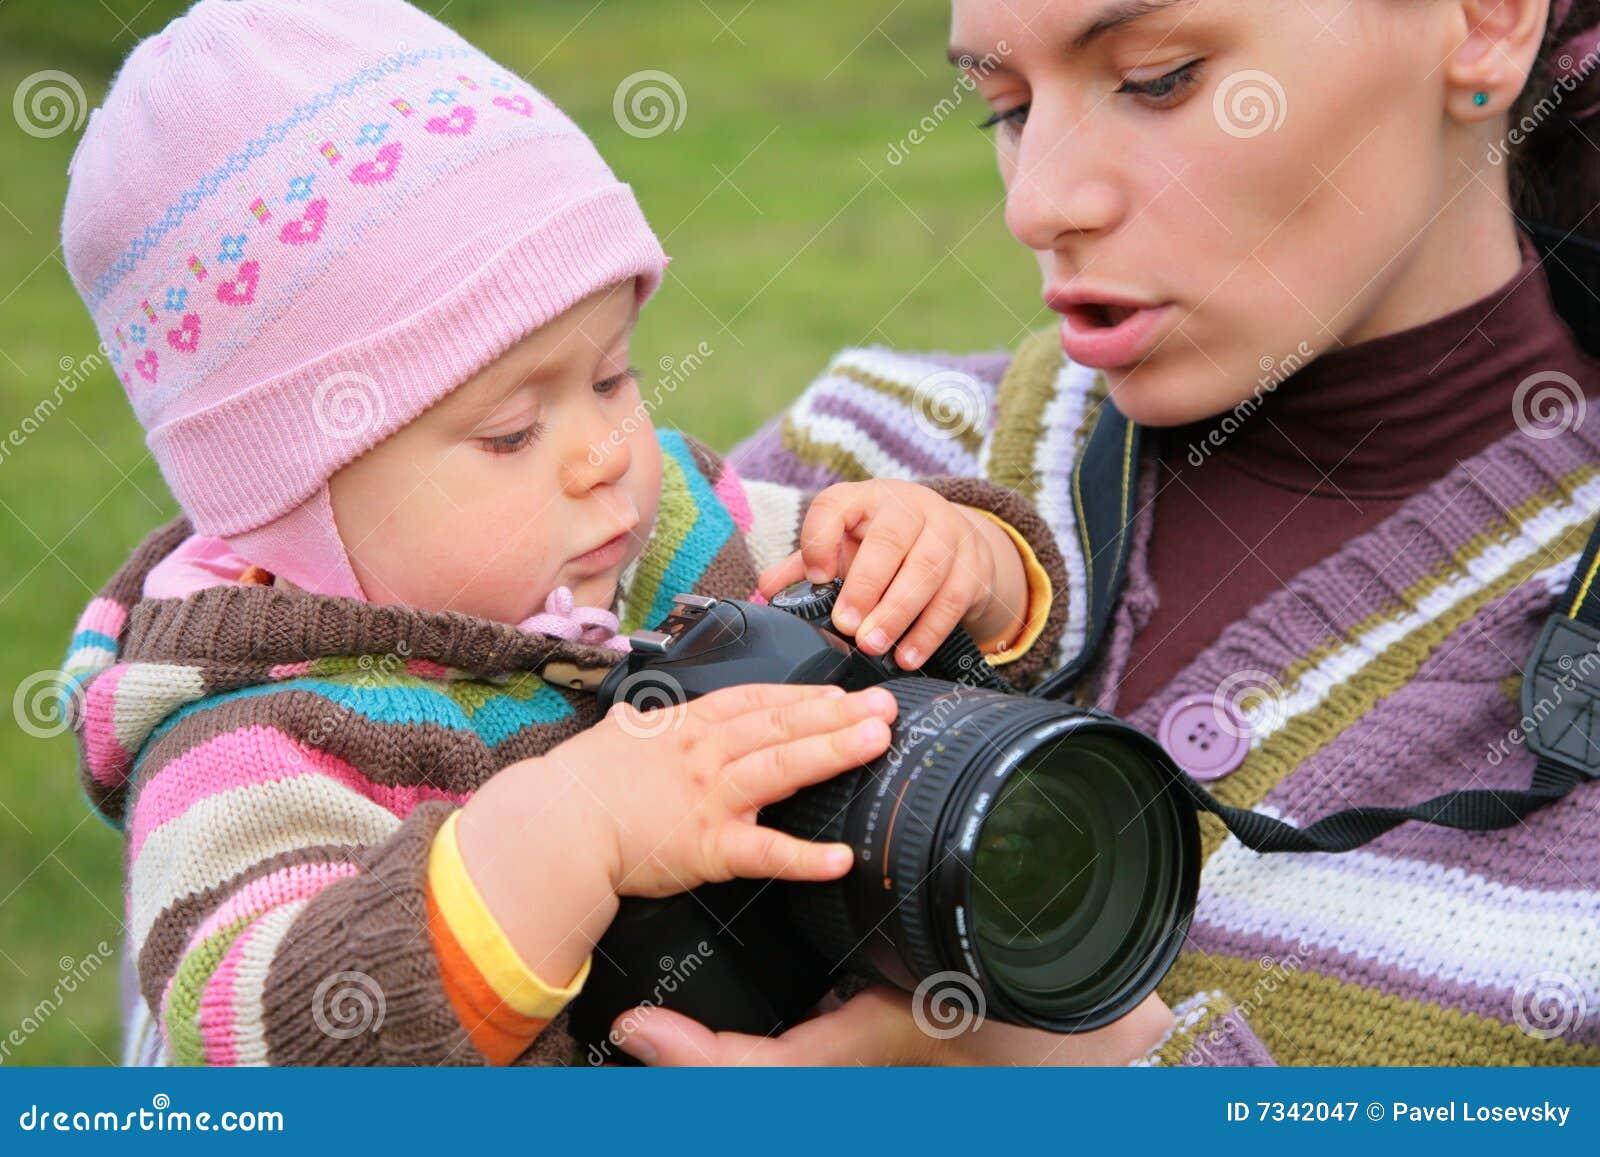 камера младенца держит мать